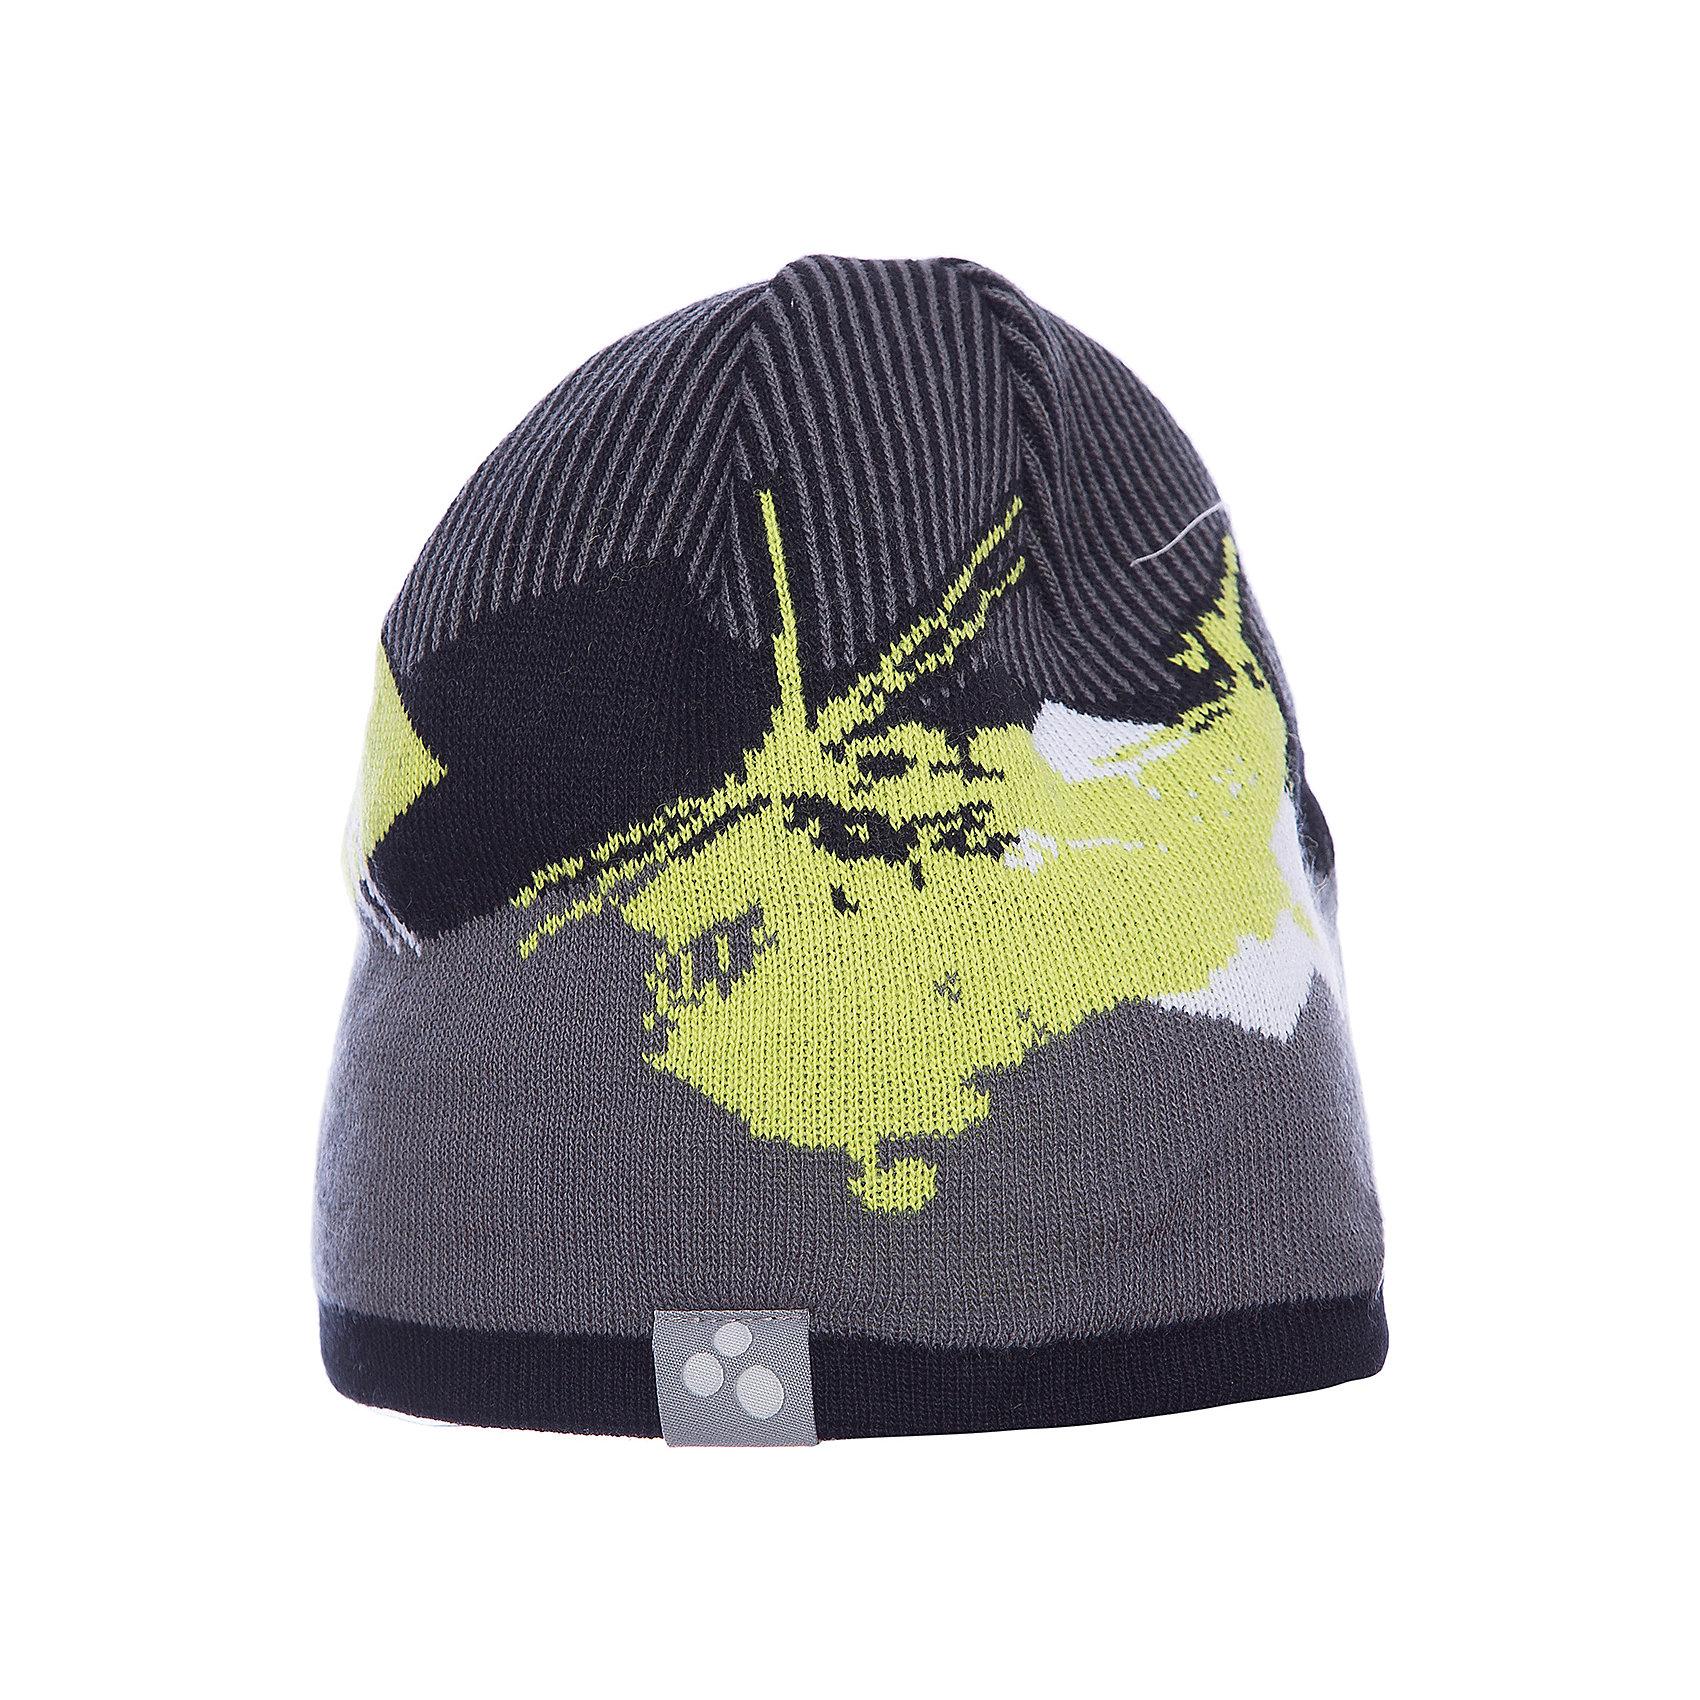 Шапка CARLOS HuppaГоловные уборы<br>Вязаная детская шапка CARLOS.Прекрассно подойдет для повседневных прогулок в холодную погоду.<br>Состав:<br>50% мерс.шерсть, 50% акрил<br><br>Ширина мм: 89<br>Глубина мм: 117<br>Высота мм: 44<br>Вес г: 155<br>Цвет: зеленый<br>Возраст от месяцев: 132<br>Возраст до месяцев: 156<br>Пол: Унисекс<br>Возраст: Детский<br>Размер: 57-59,55-57,51-53<br>SKU: 7023995